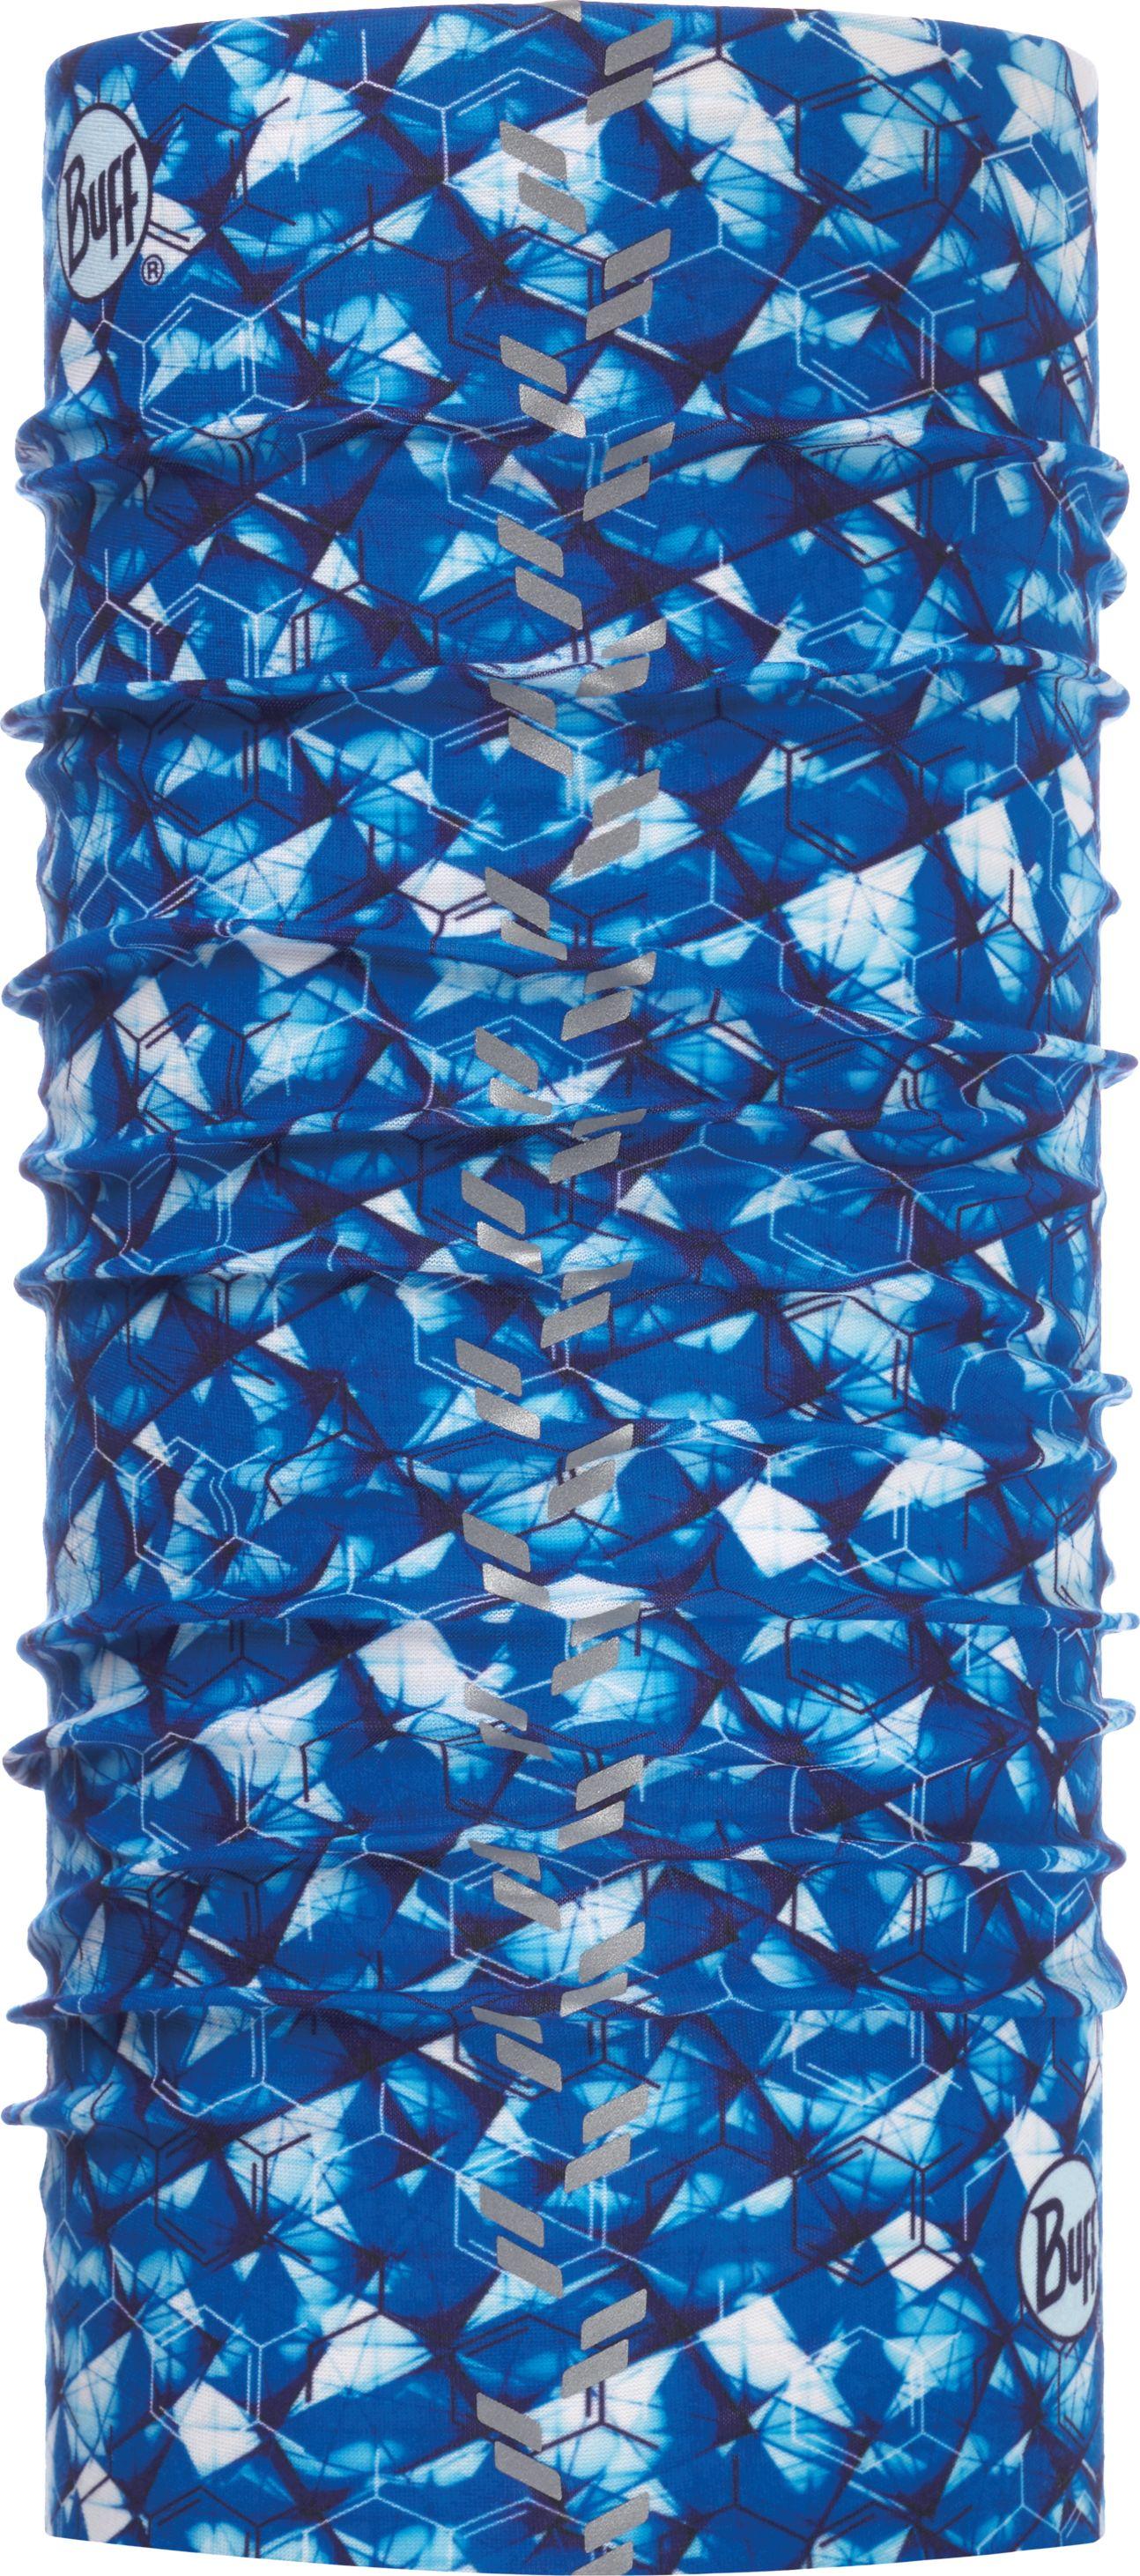 Купить Бандана Buff Reflective R-Adren Cape Blue, цвет: синий. 117041.715.10.00. Размер универсальный